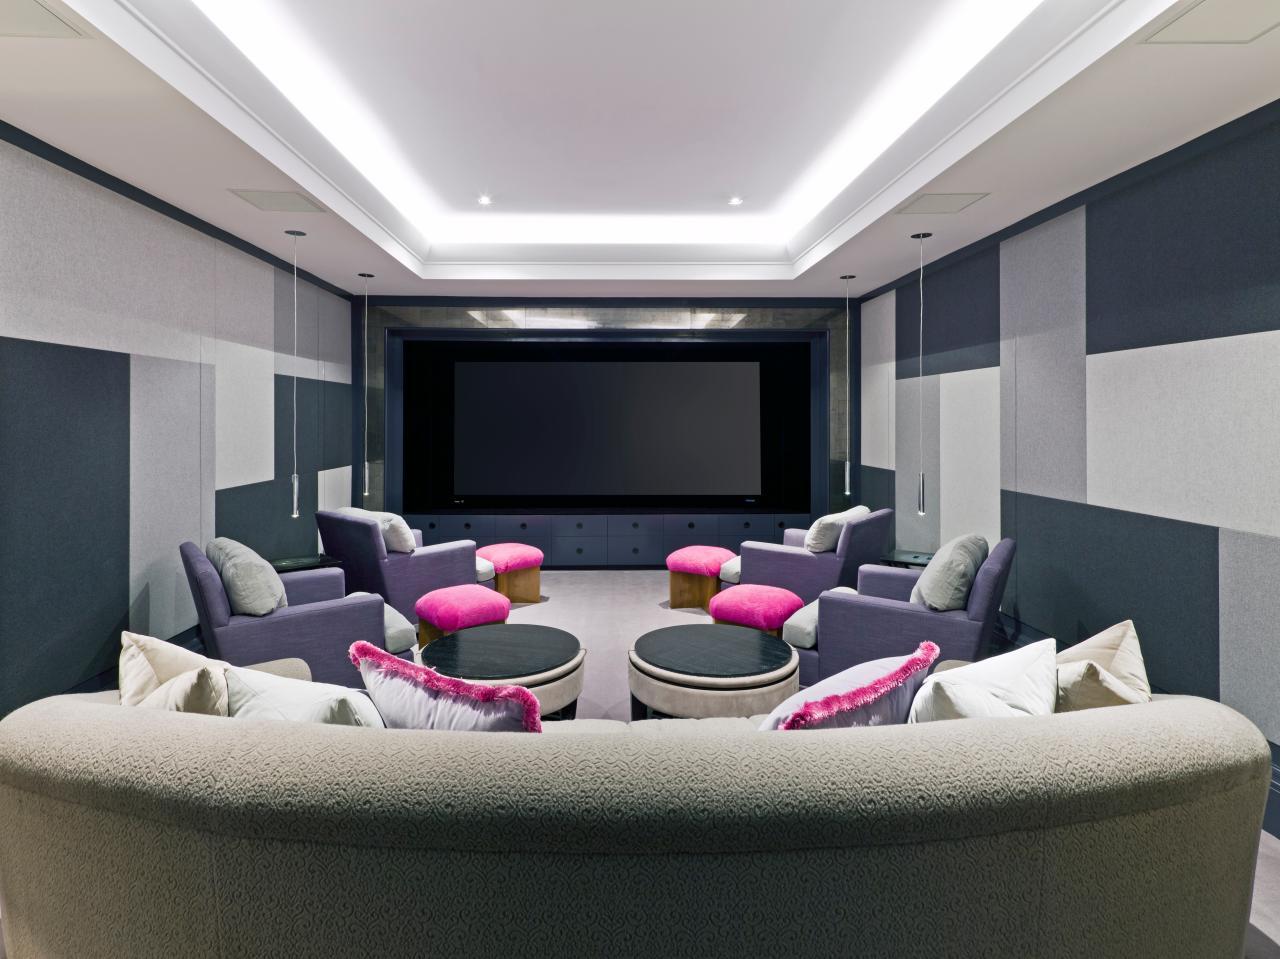 sala-cinema-5